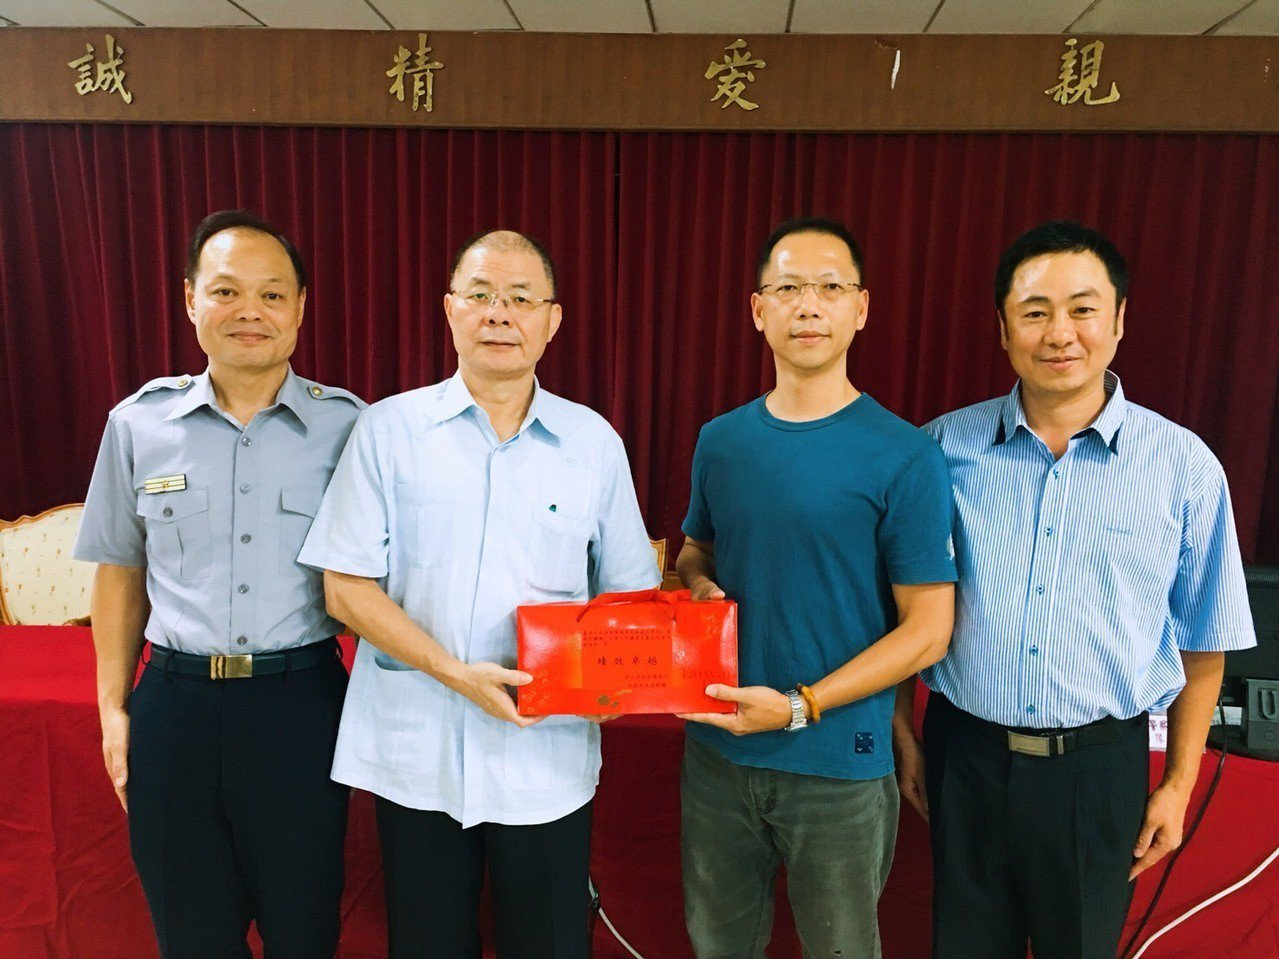 新北市警察局長胡木源(左二)頒發破案茶給蘆洲分局破案有功人員。記者袁志豪/翻攝